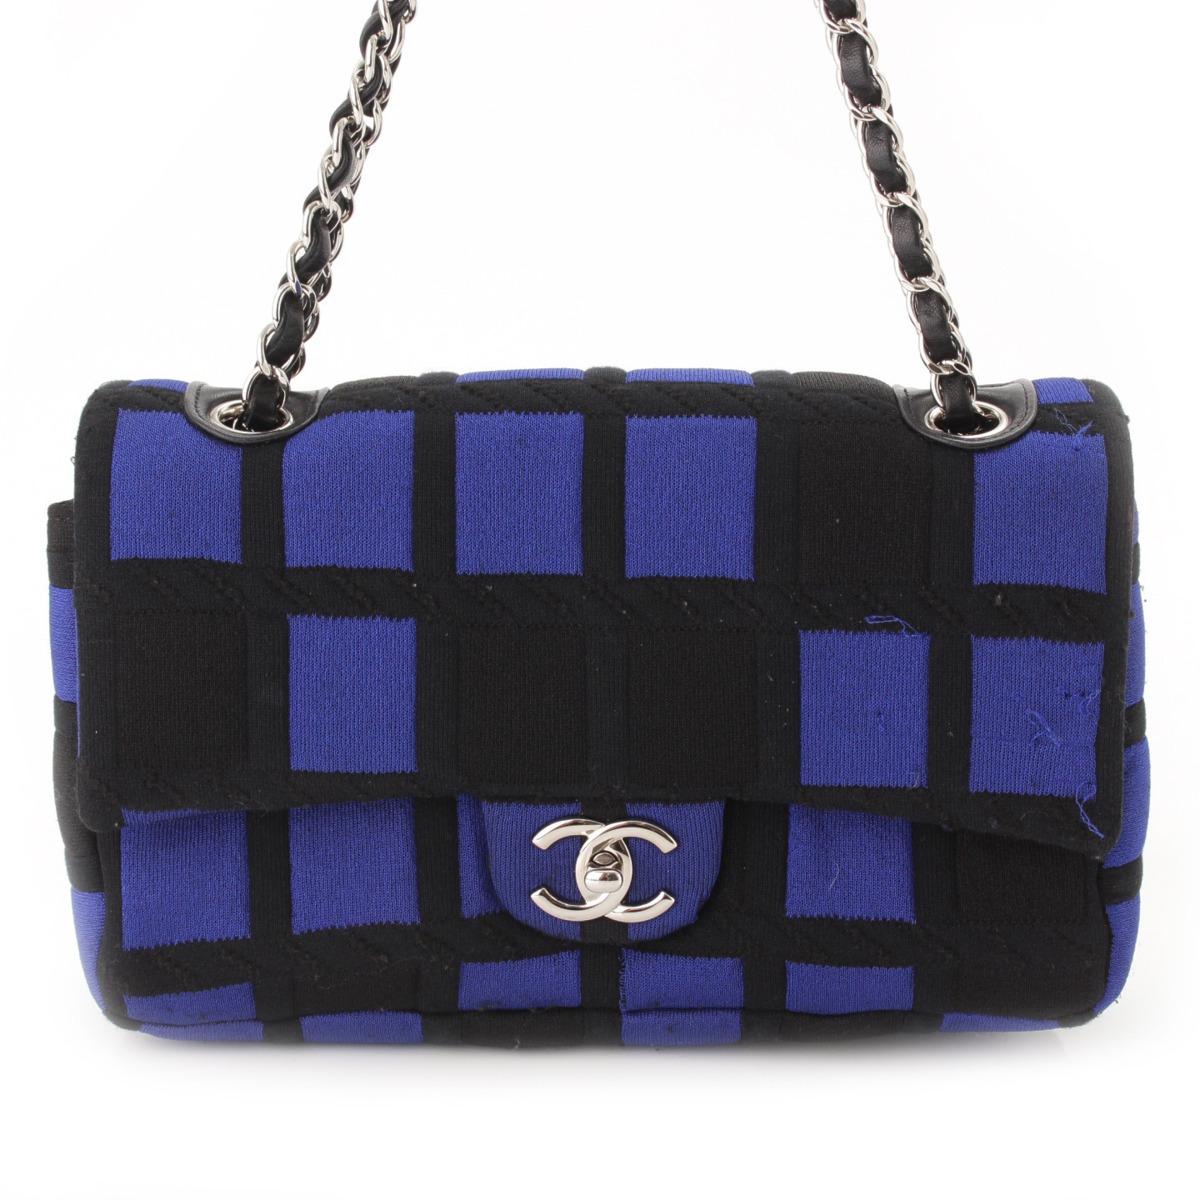 【シャネル】Chanel ターンロック チェーン ジャージー ショルダーバッグ 18番台 ブルー×ブラック 【中古】【鑑定済・正規品保証】54620